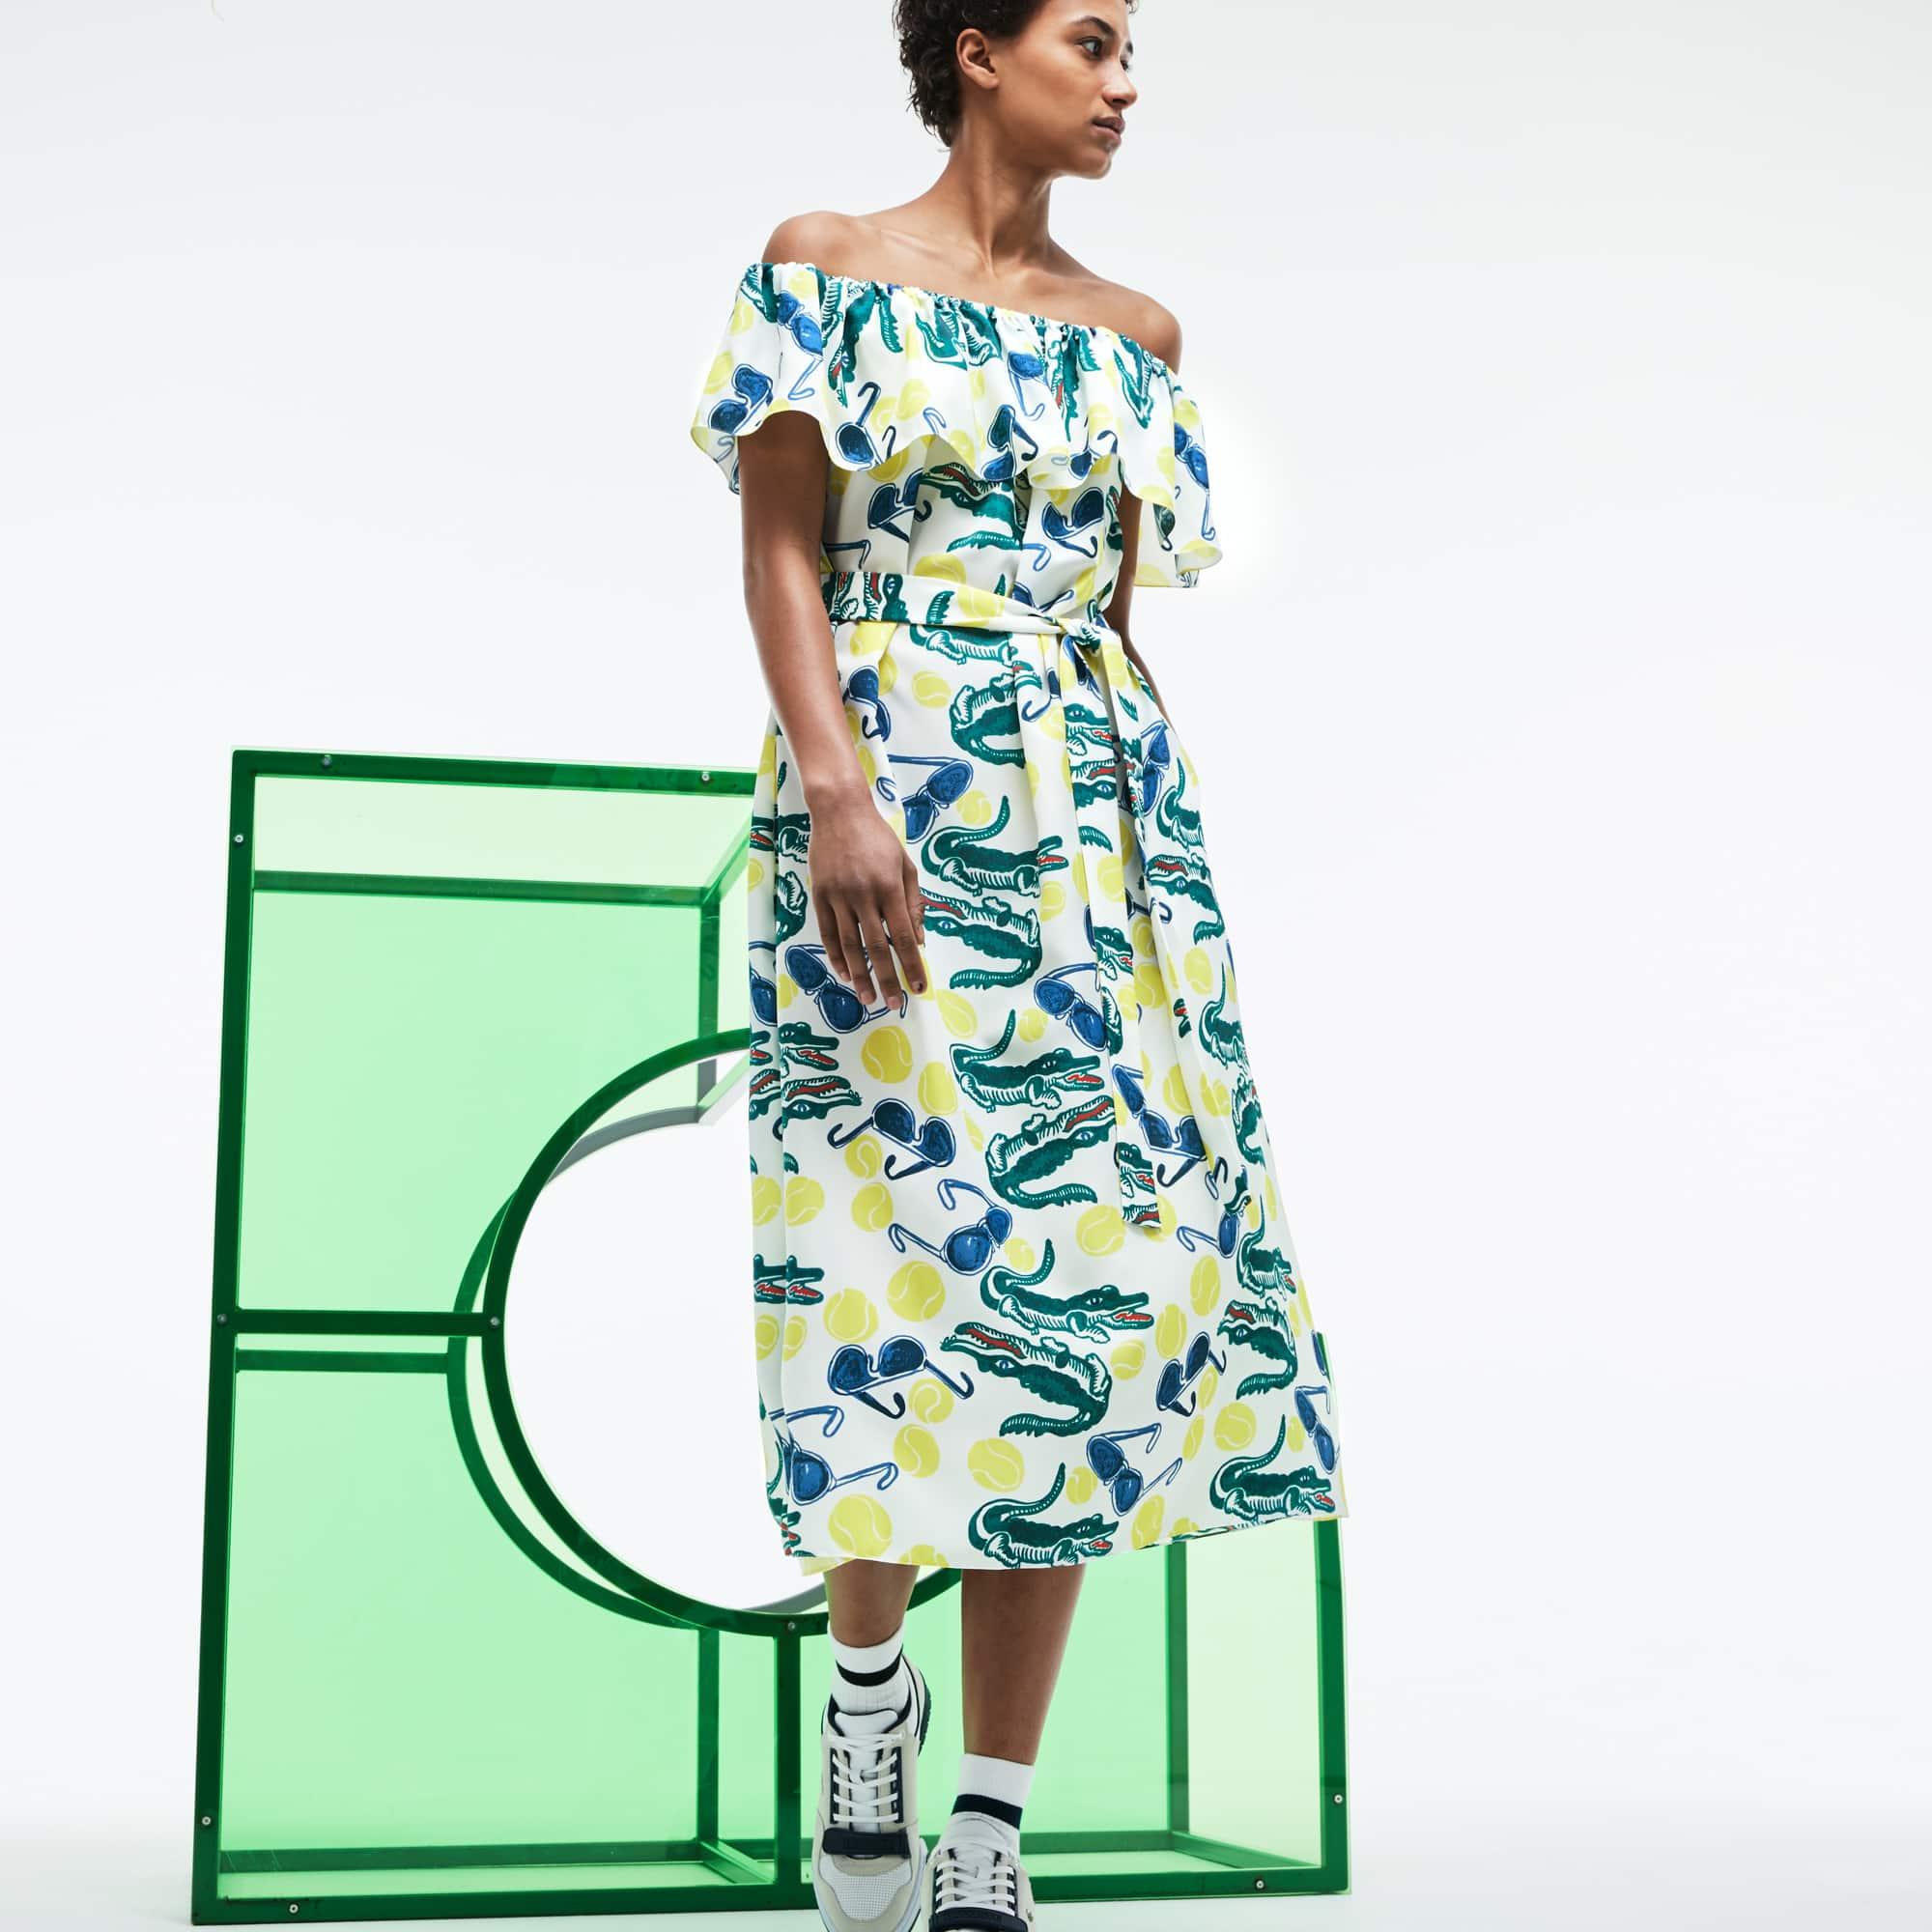 Damen Bustierkleid aus der Fashion Show Kollektion